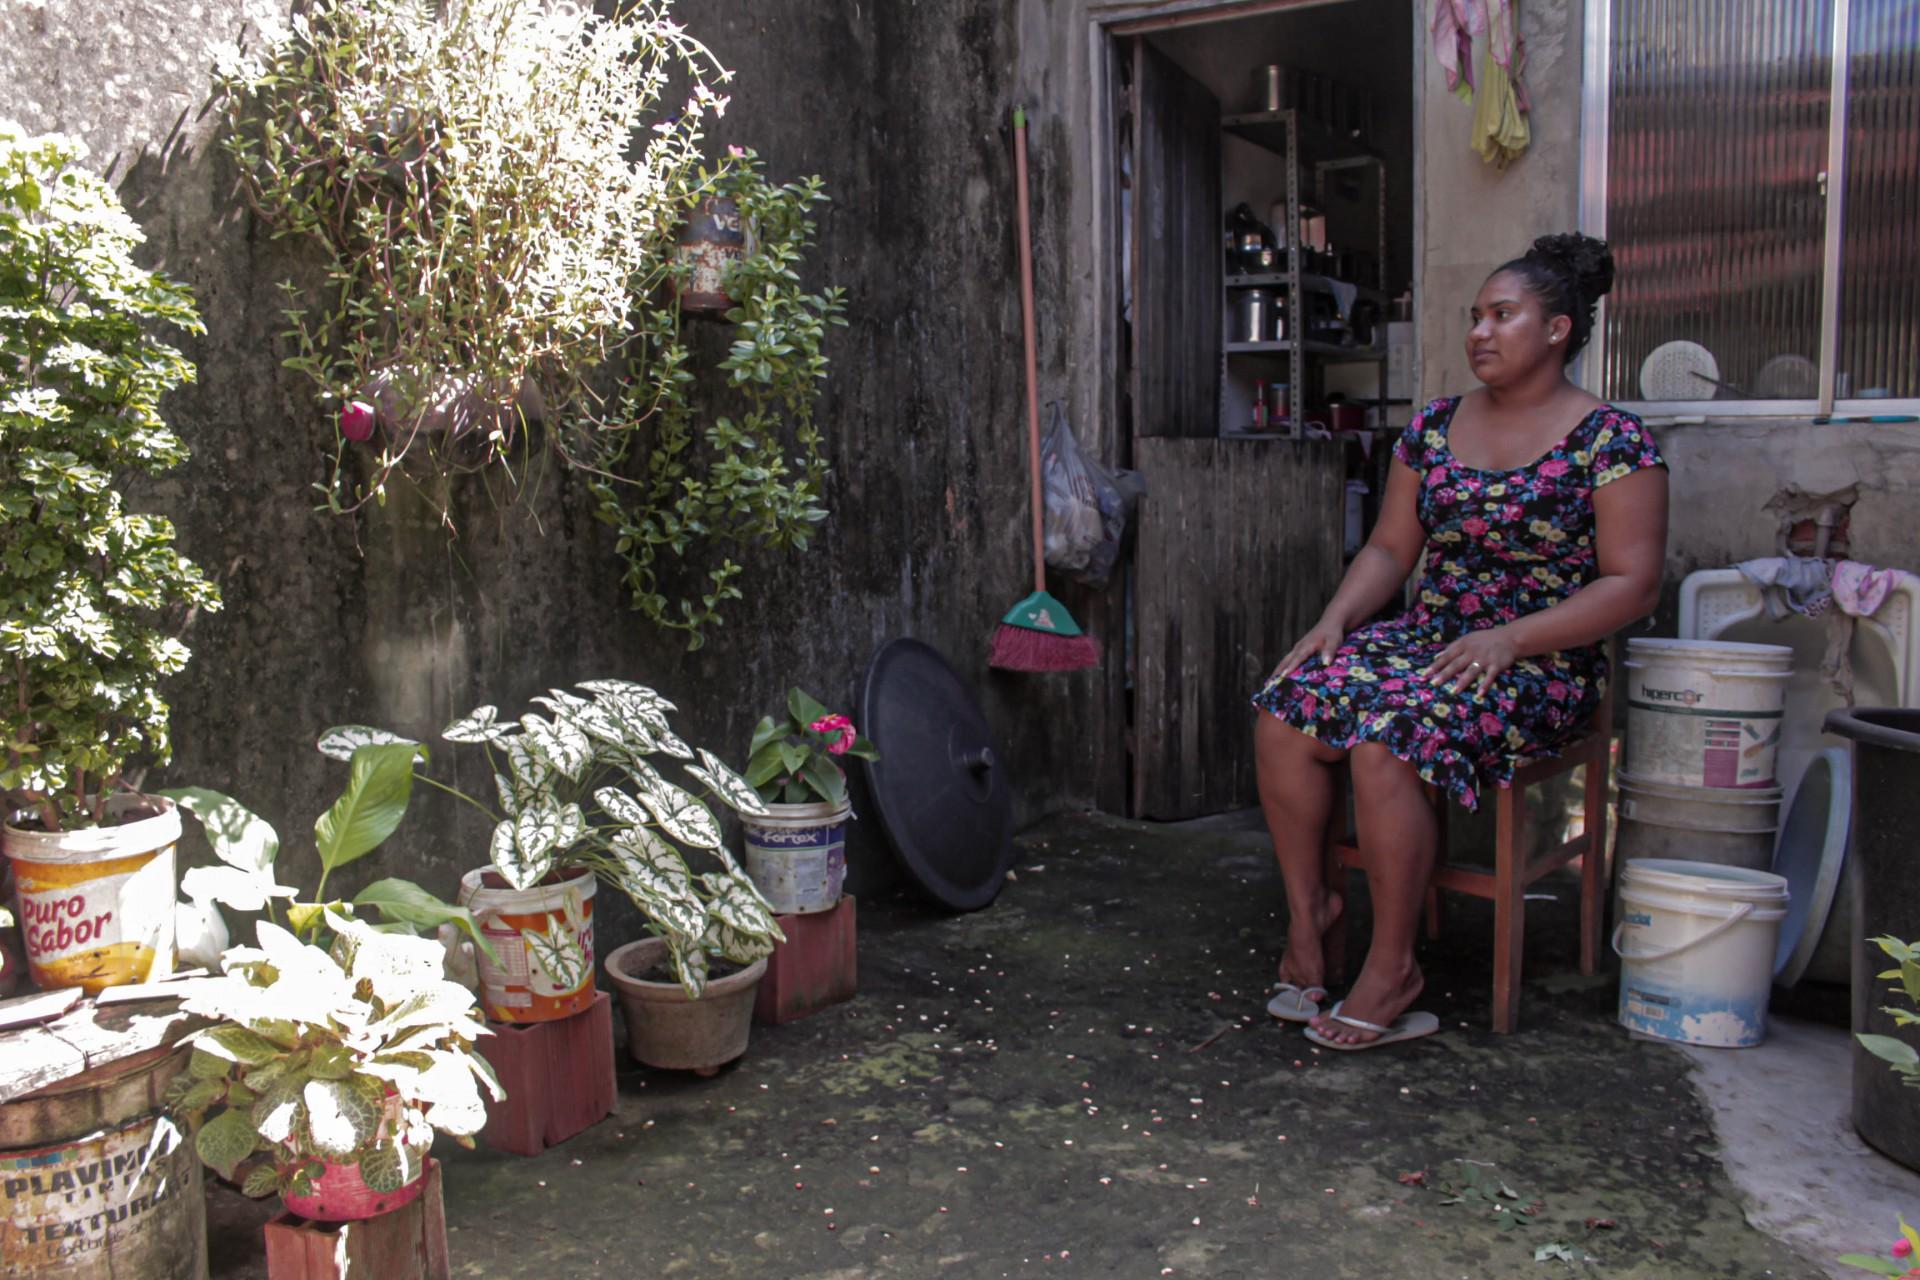 Veronizia Sales interpreta a  mãe do personagem Pedro no curta (Foto: Leo Silva / divulgação)